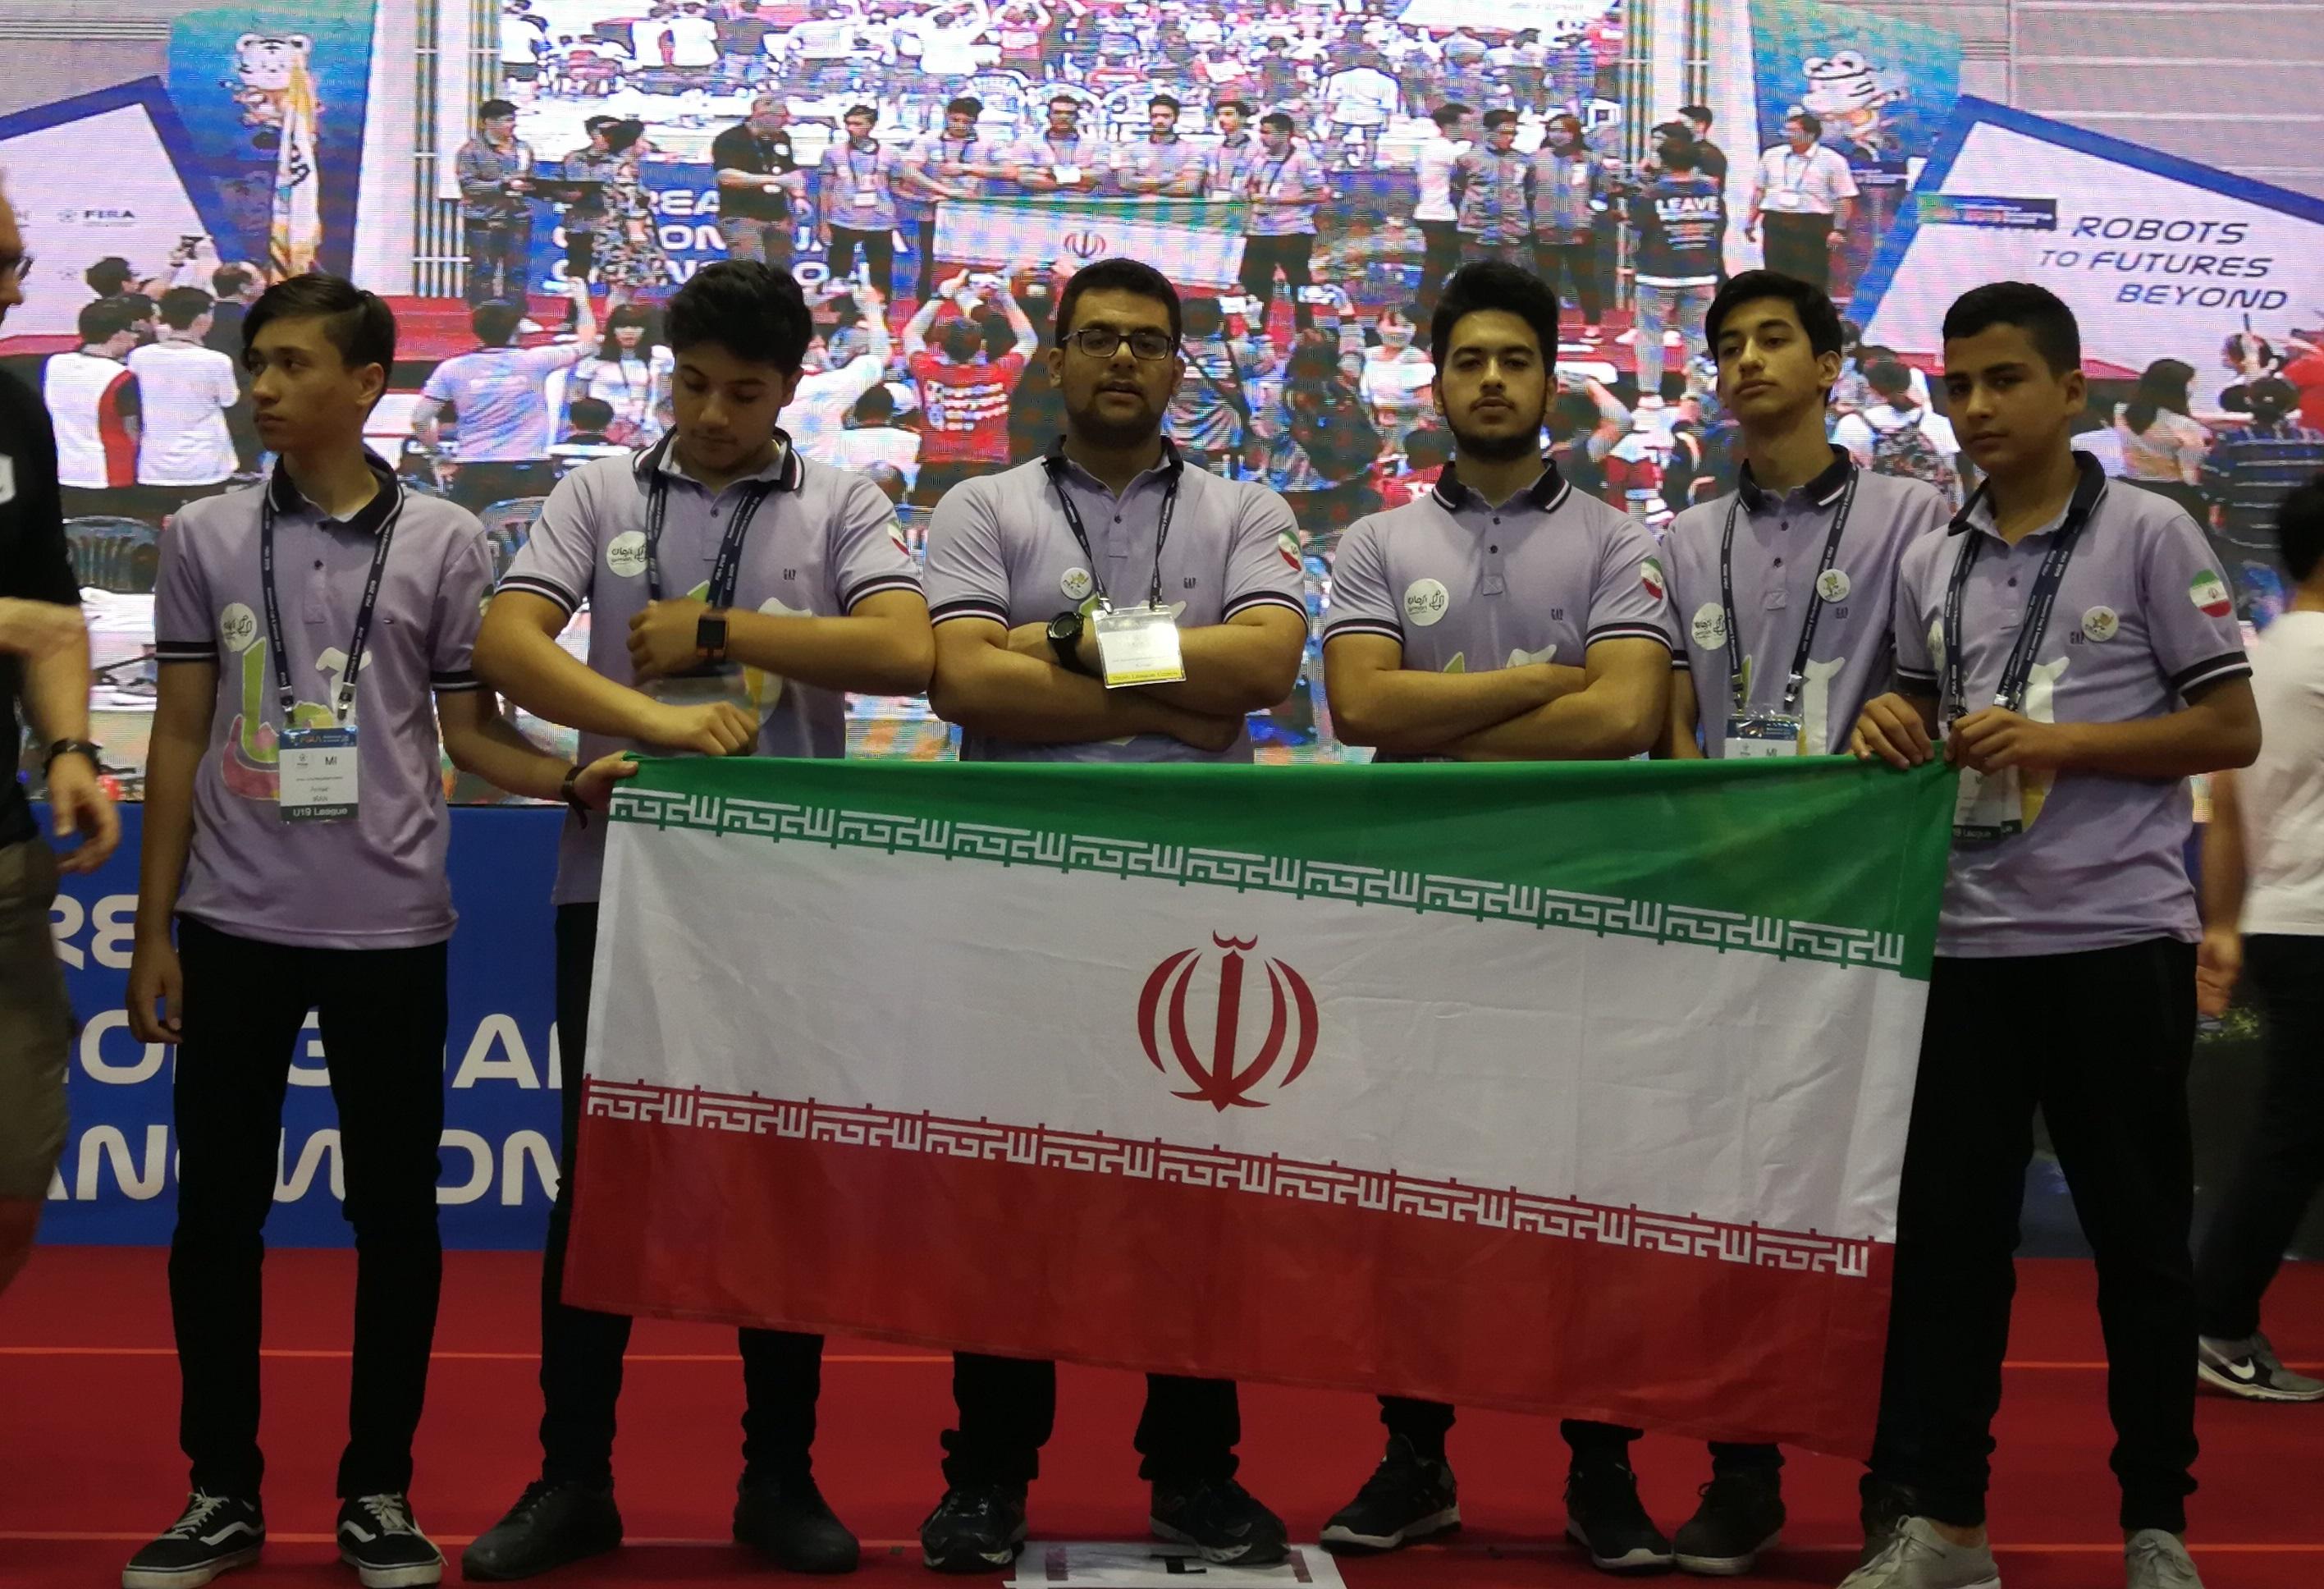 افتخار آفرینی تیم رباتیک ایران در روز اول اعلام نتایج/ ۳ اولی و ۲ دومی سهم کشورمان از این دوره از مسابقات